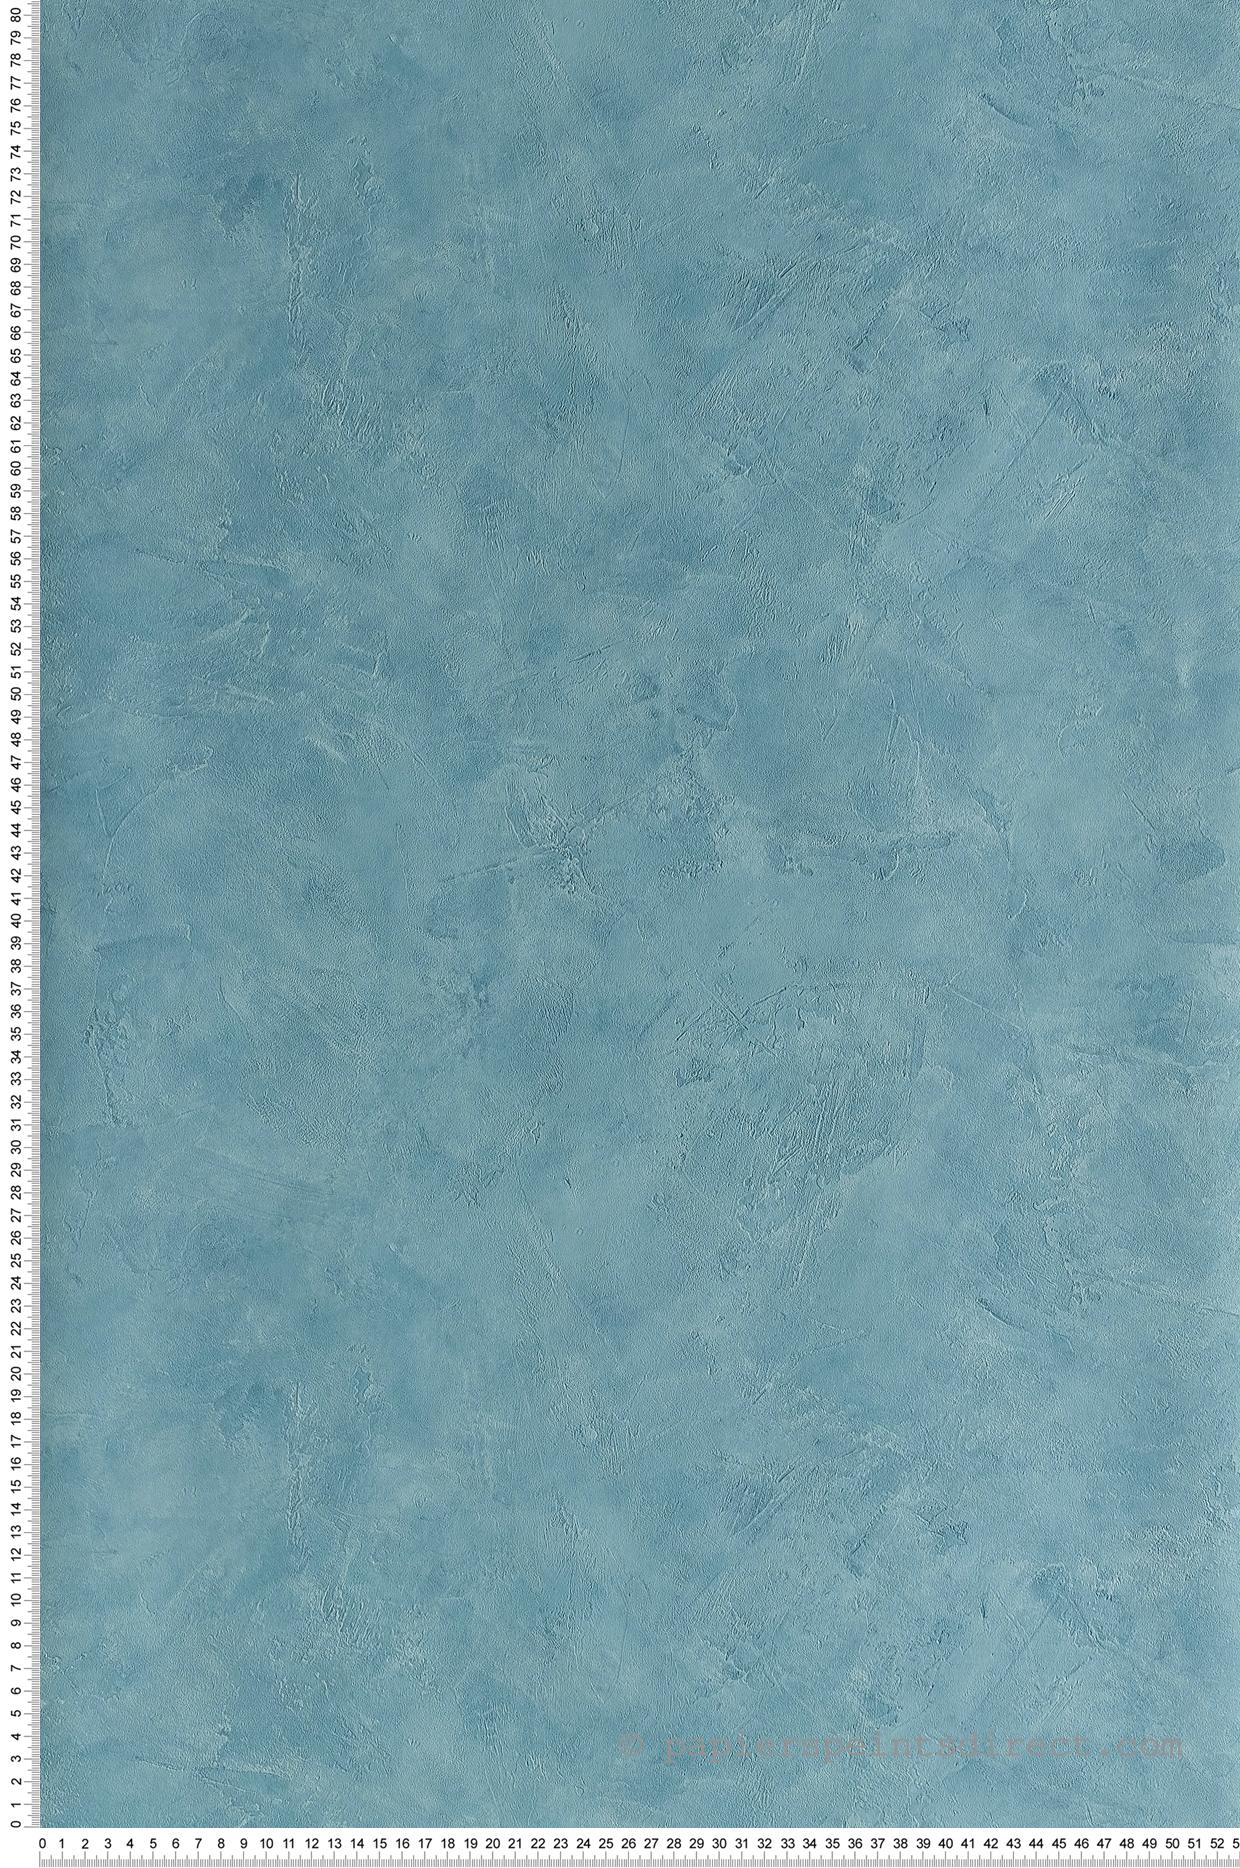 Papier peint Effet béton turquoise - Patine de Casélio   Réf. PAI100226160